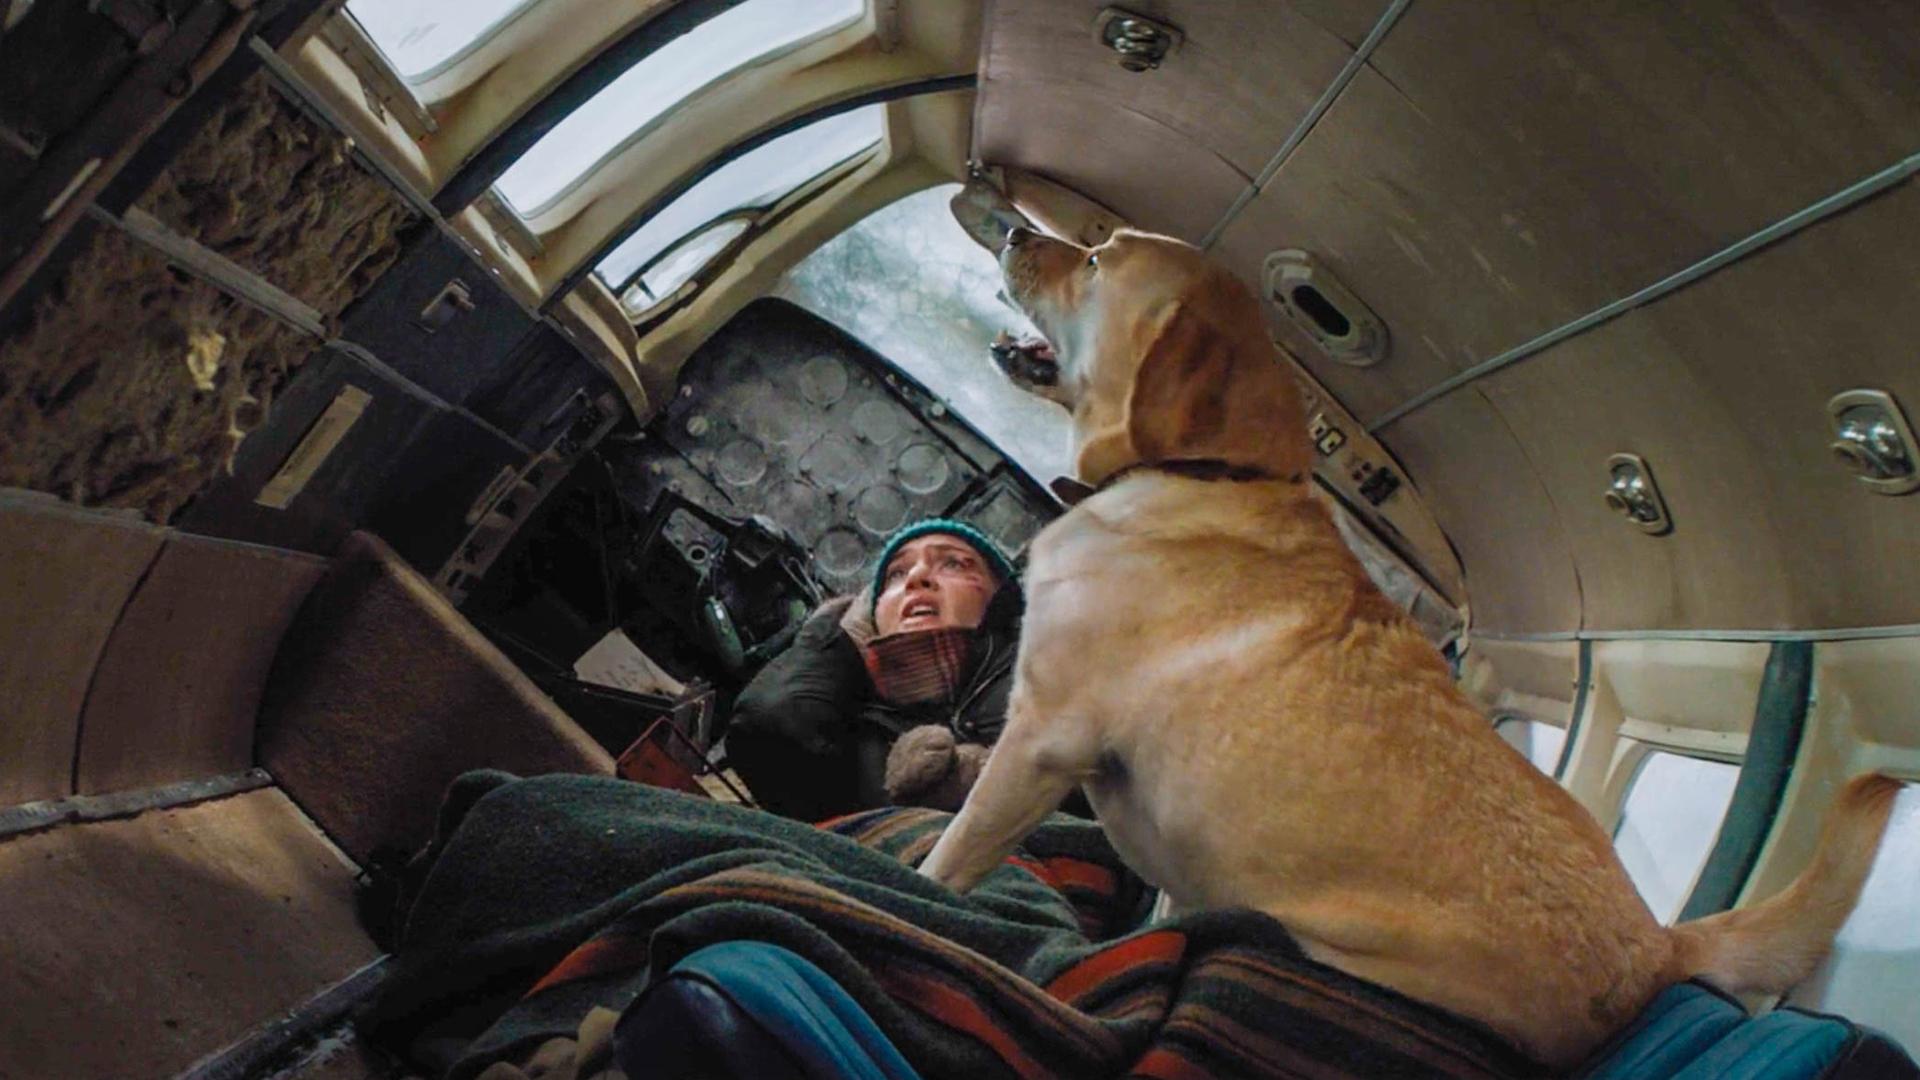 飞机失事女子被困野外,狗却对着窗外疯狂叫唤,往外一看脸色大变